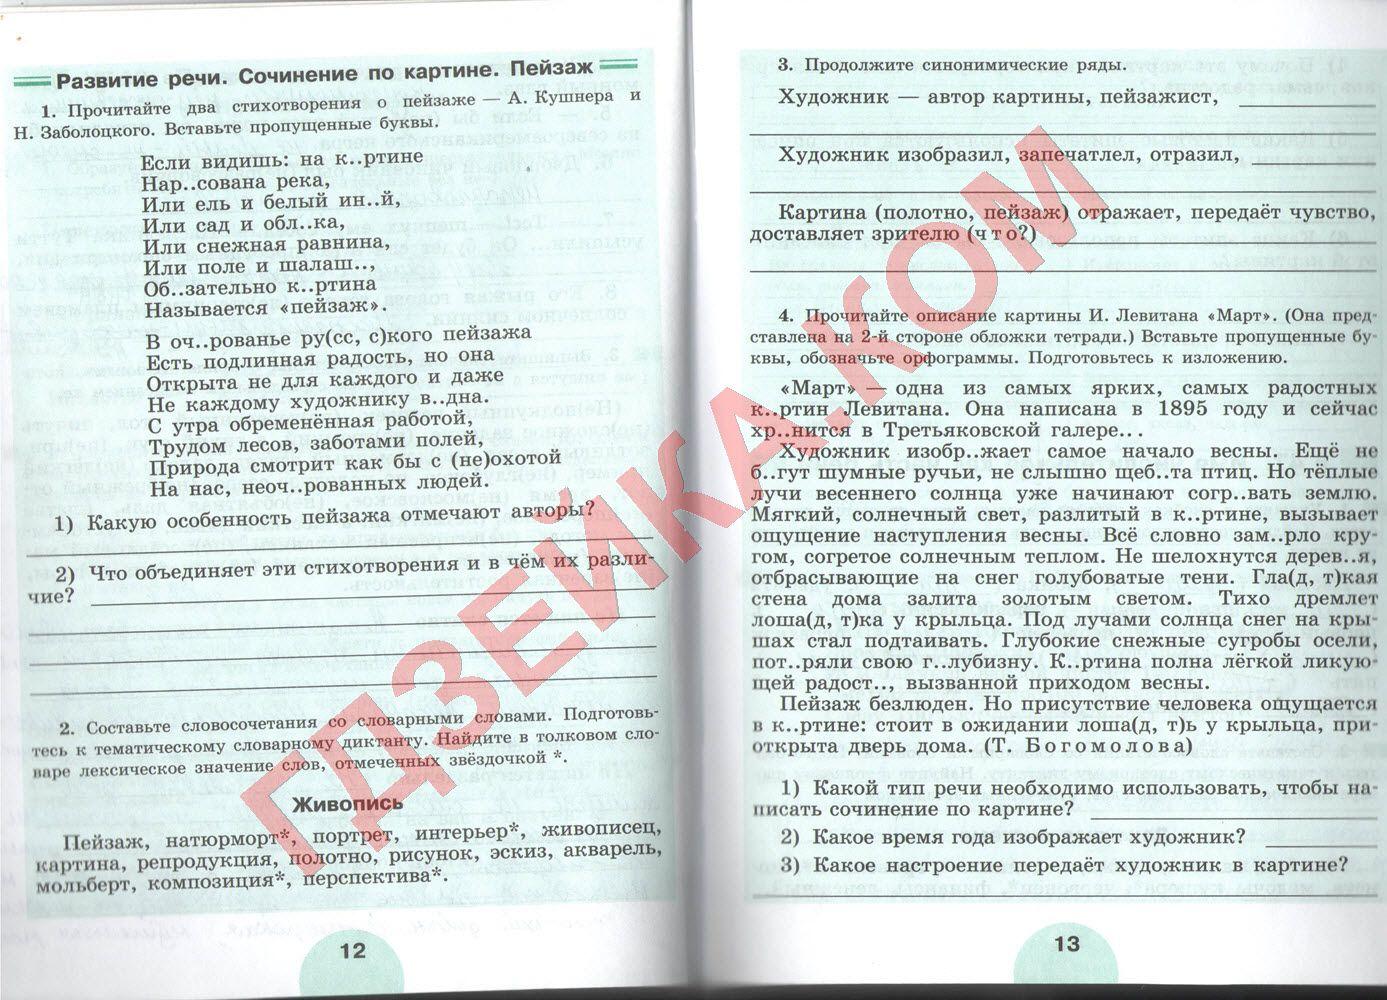 Гдз по русскому языку 6 классов 2 часть рыбченкова рабочая тетрадь